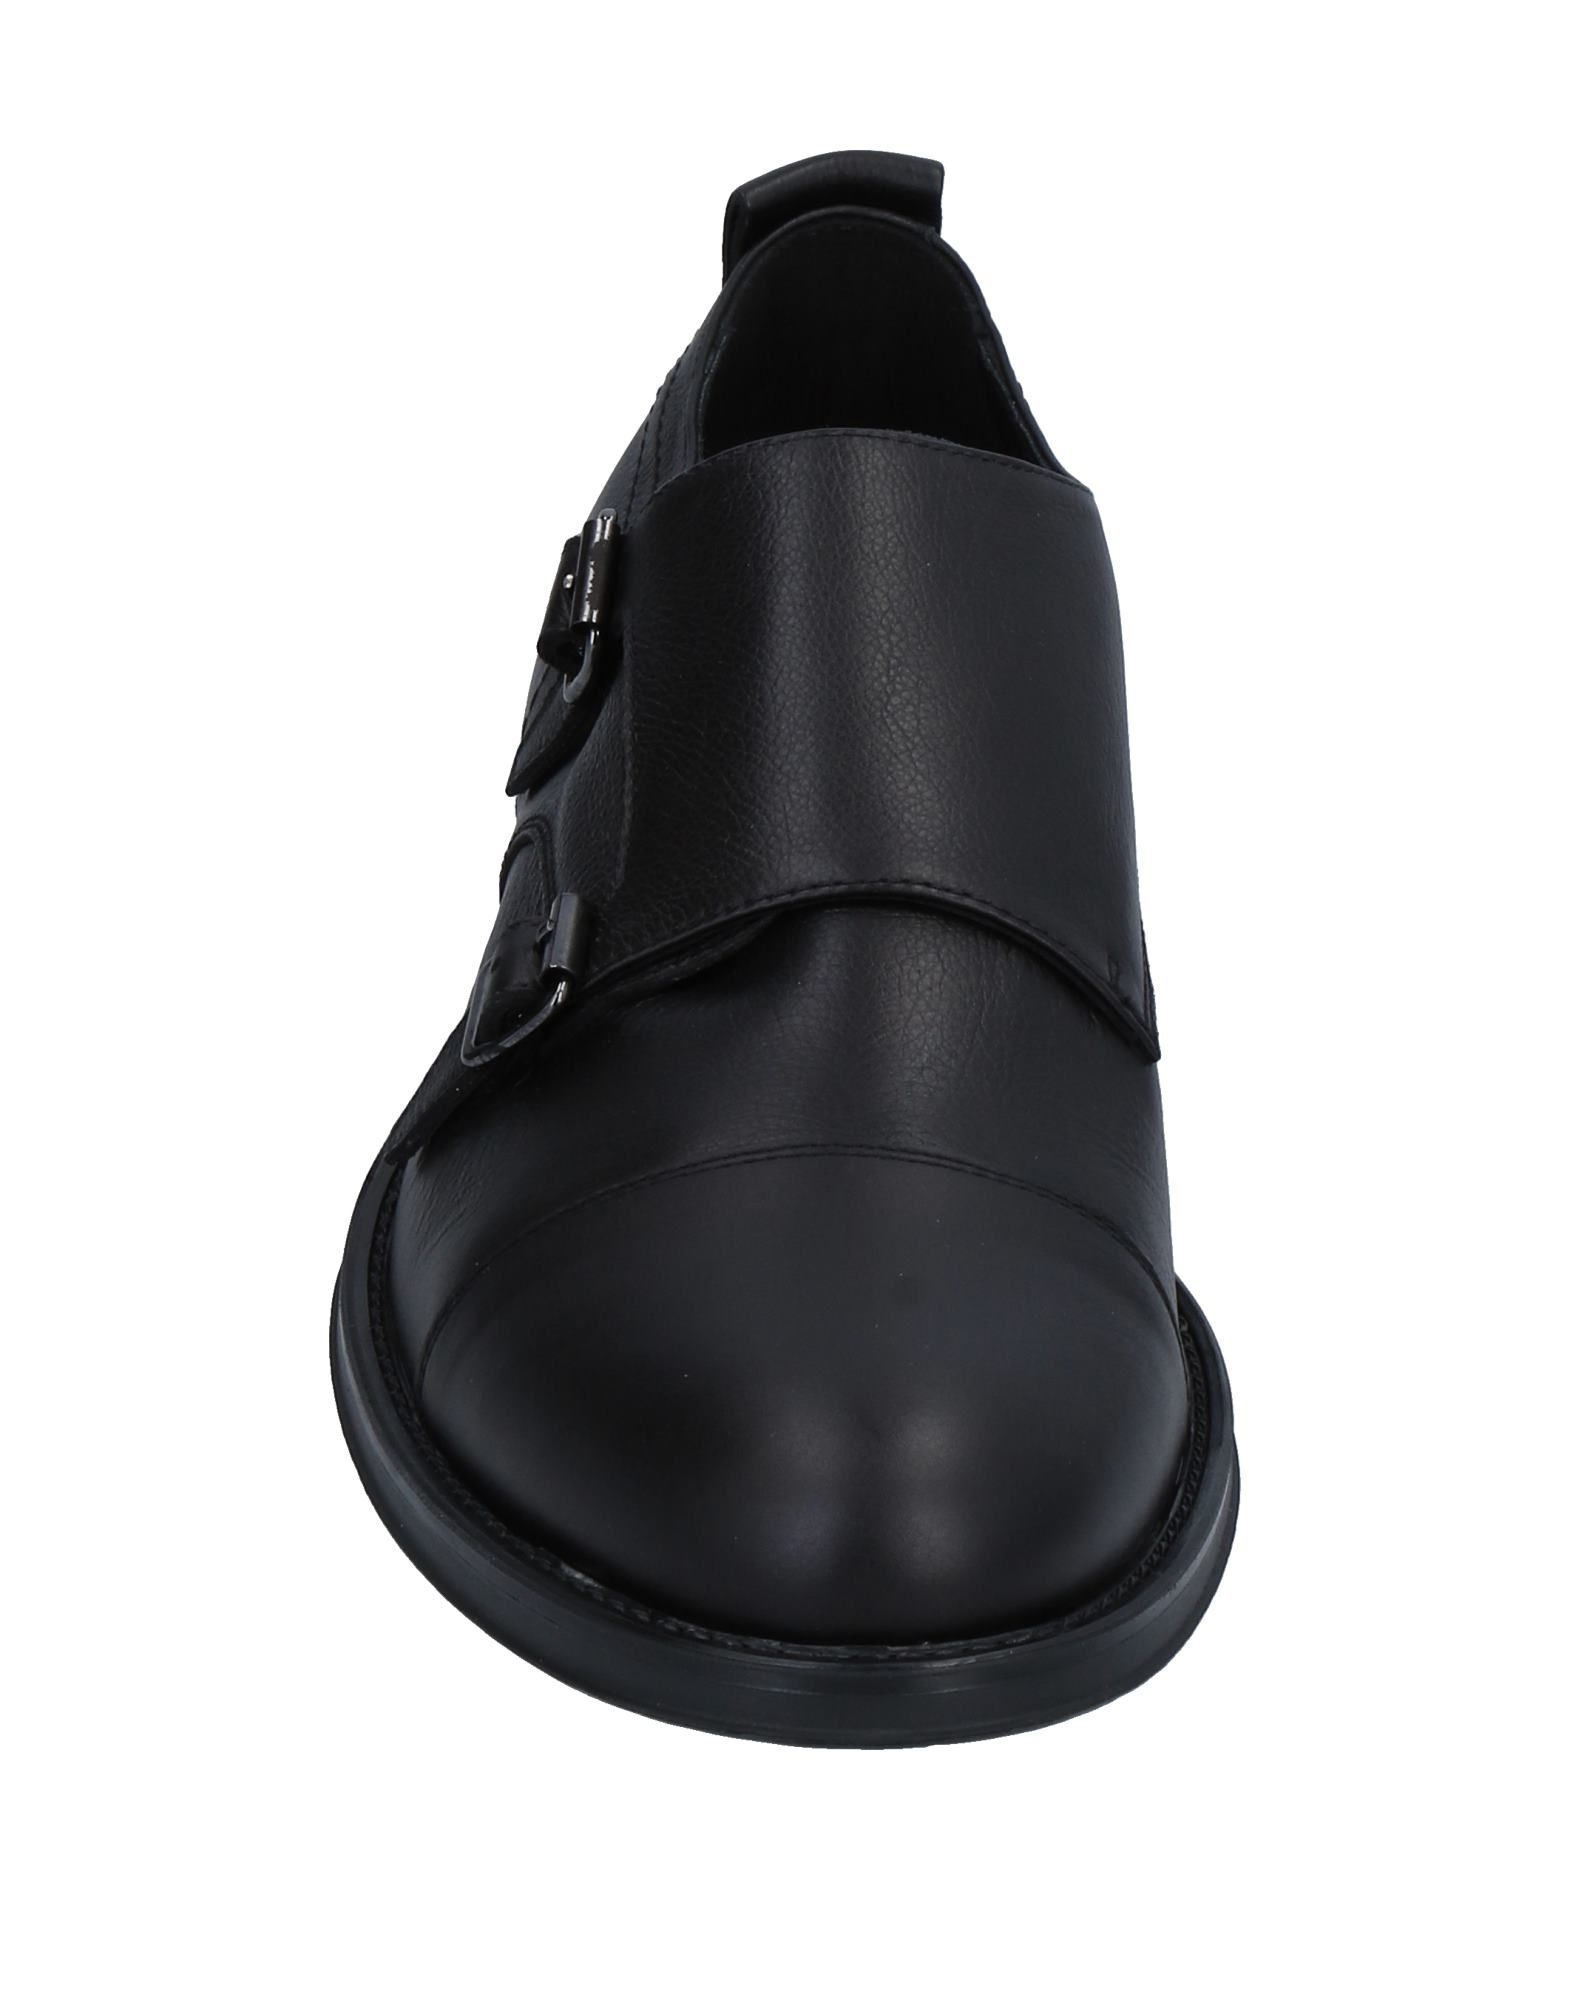 Bruno Bordese Mokassins Herren beliebte  11528710MM Gute Qualität beliebte Herren Schuhe aebf8f